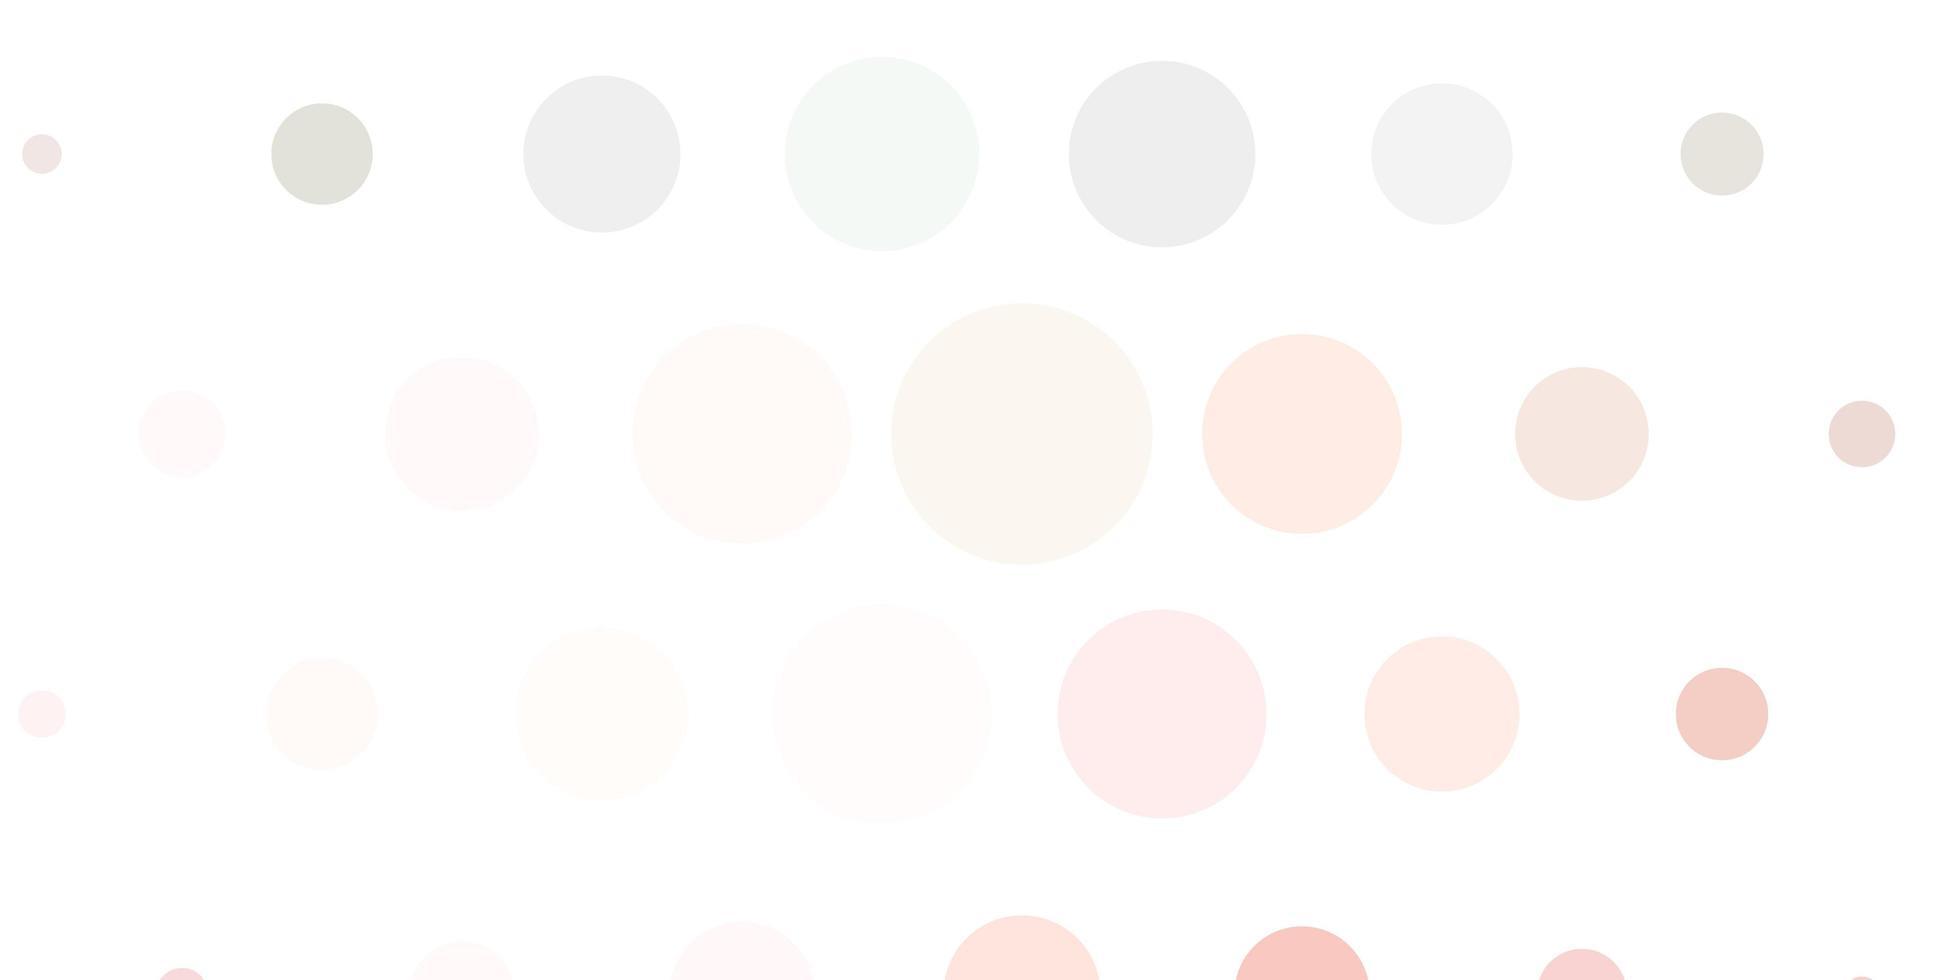 sfondo rosa chiaro e verde con punti. vettore